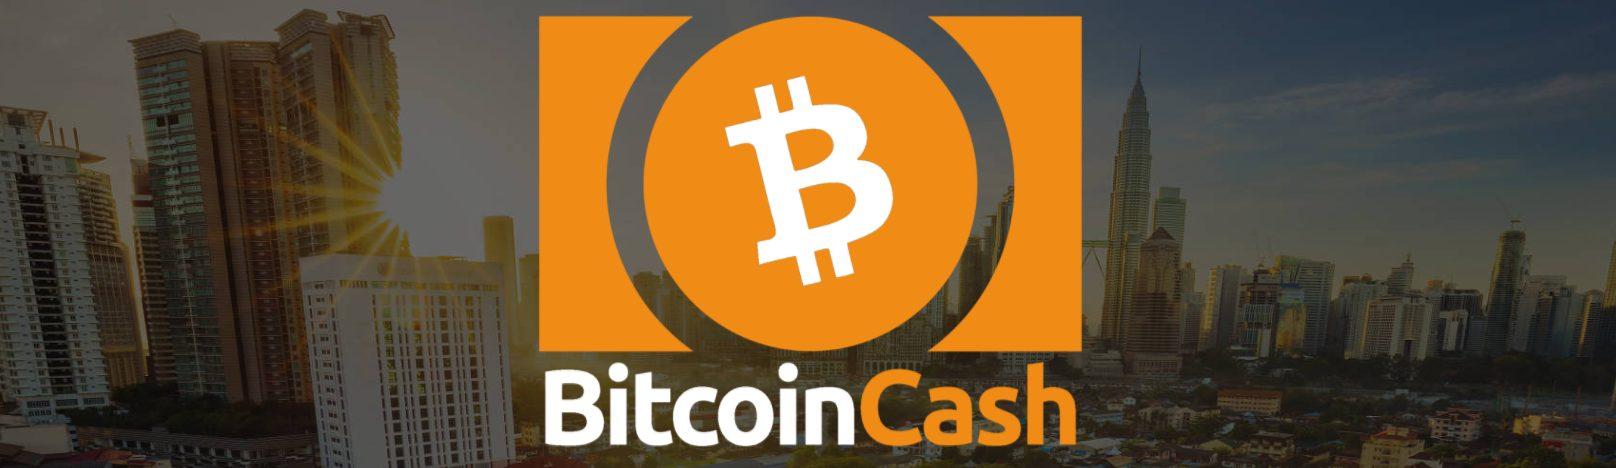 ビットフライヤー(bitflyer)で購入できる仮想通貨 ビットコインキャッシュ